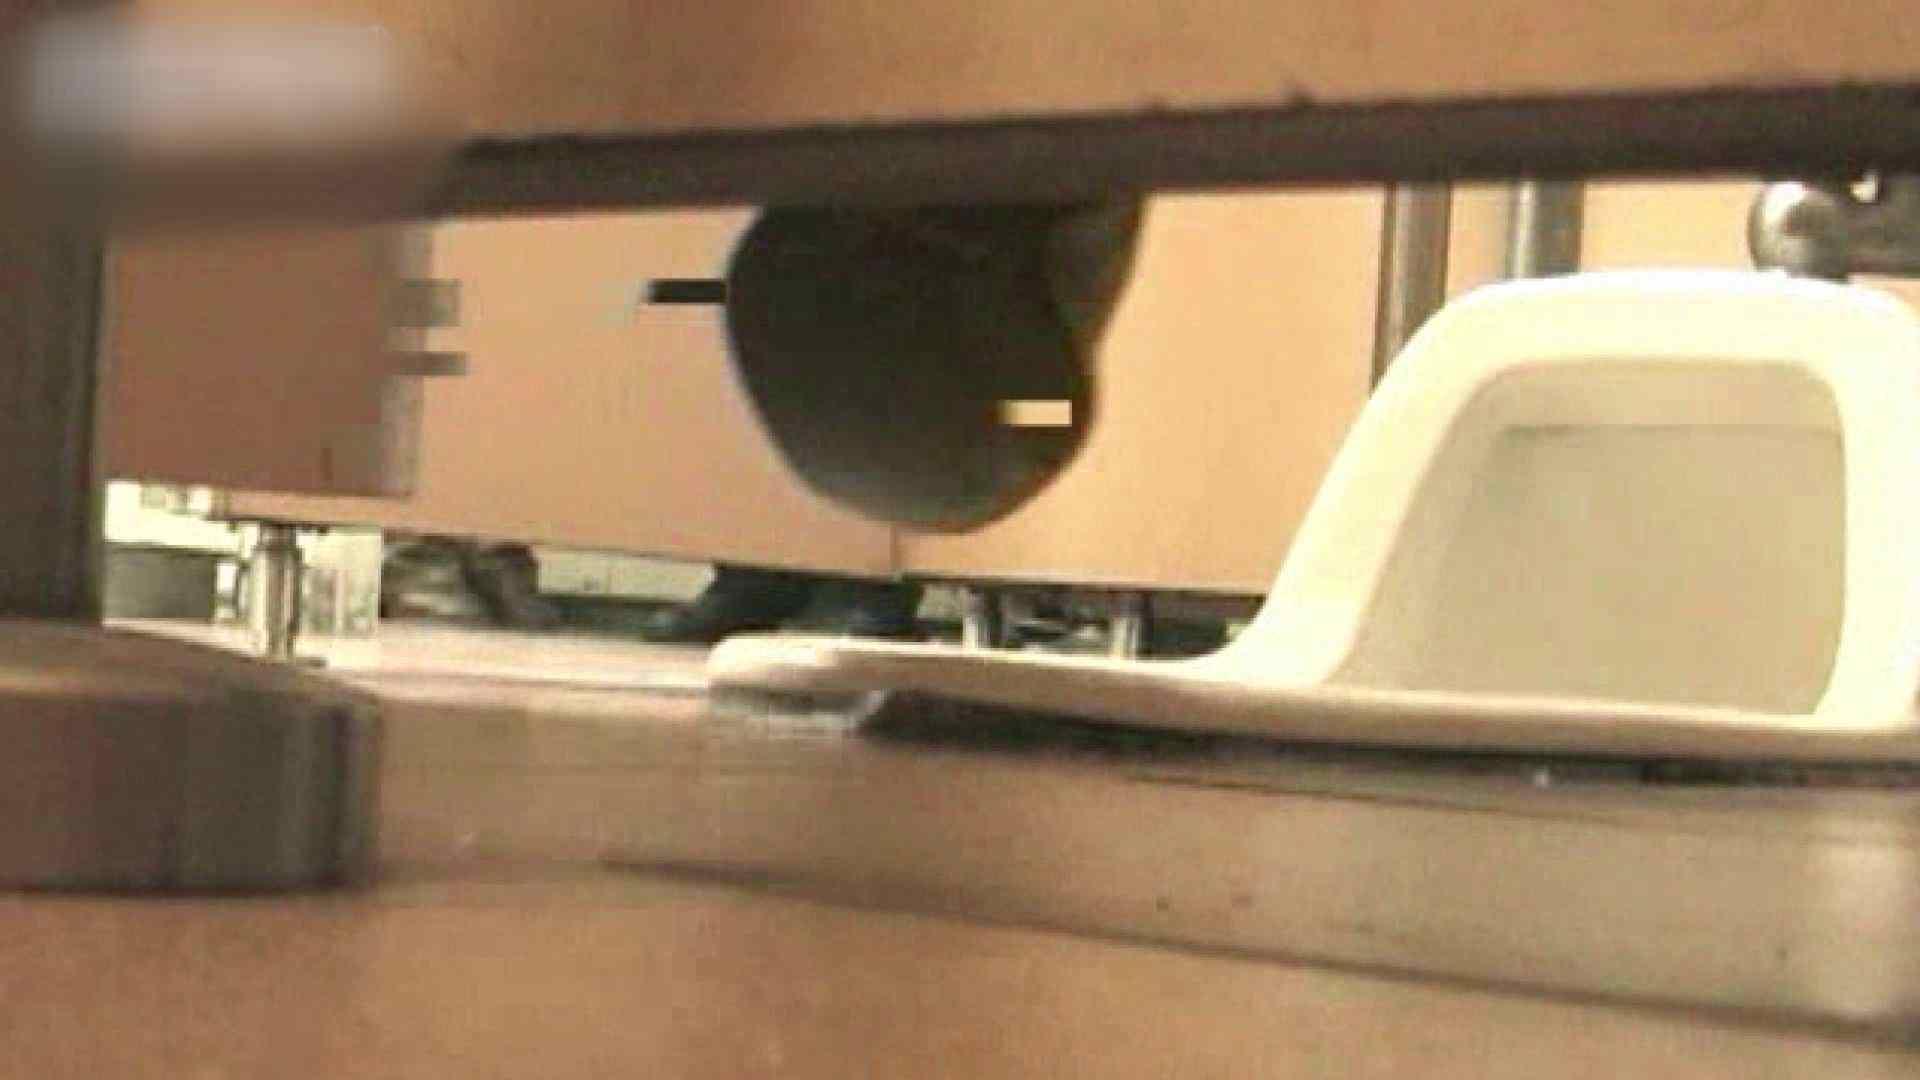 ロックハンドさんの盗撮記録File.28 厠隠し撮り AV無料動画キャプチャ 104pic 37